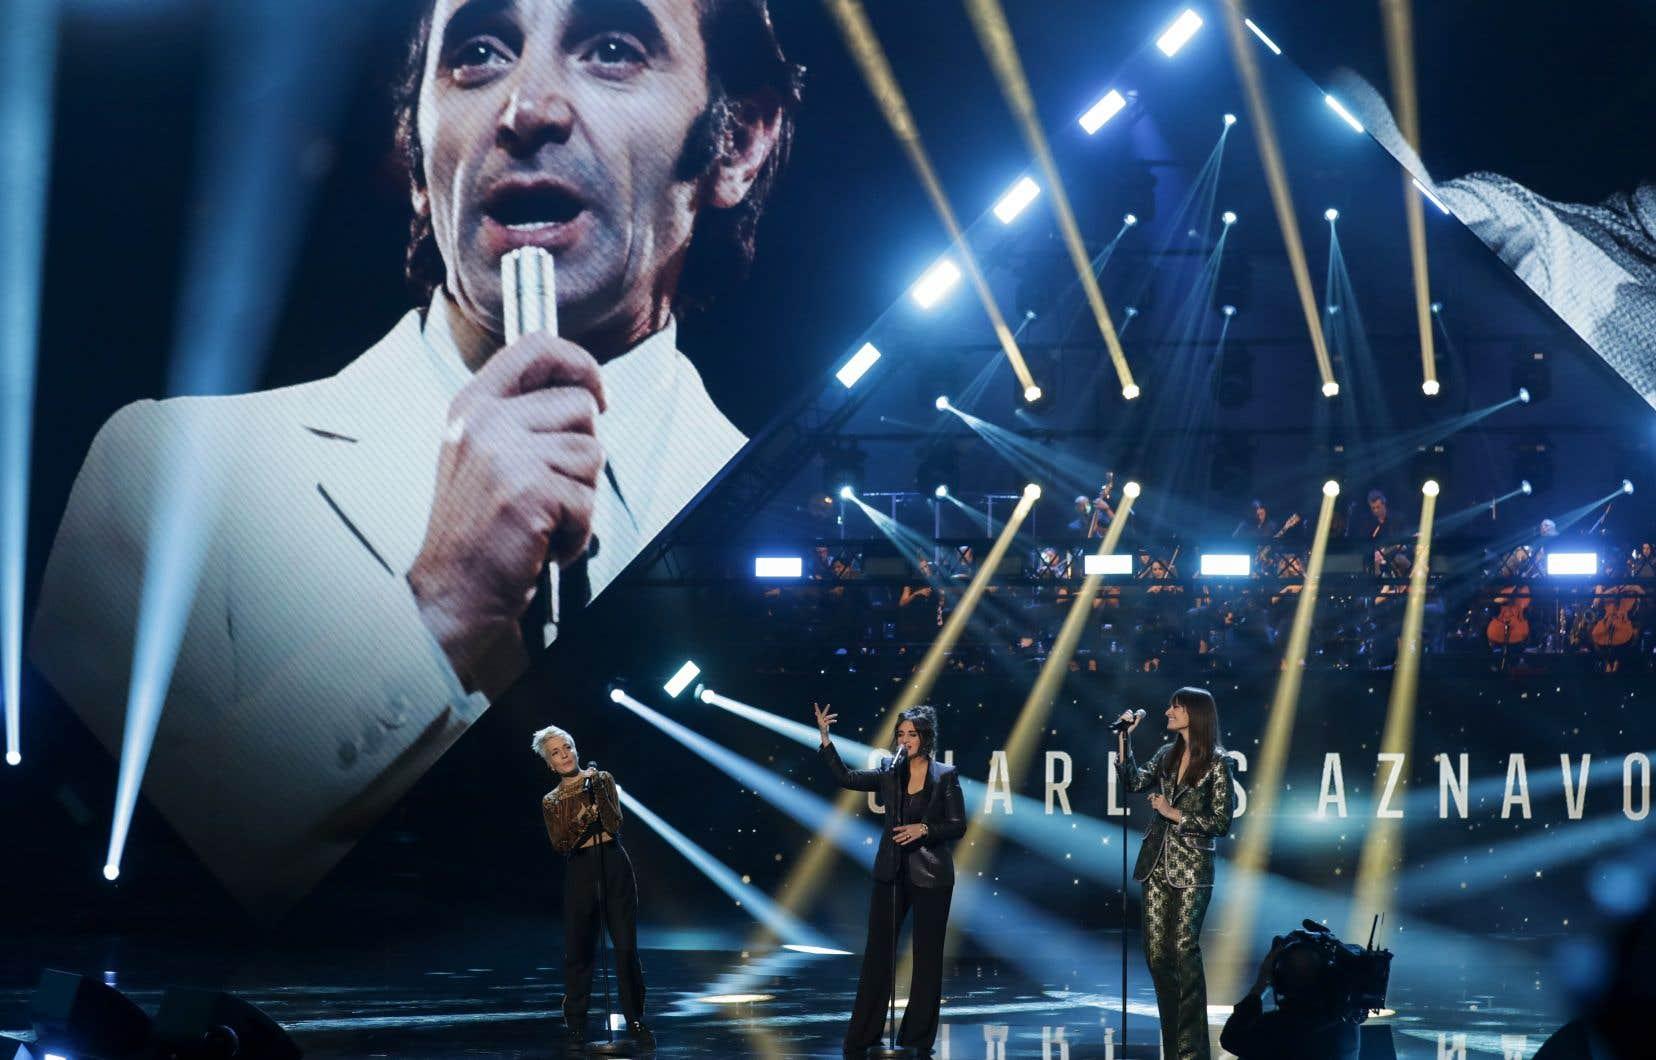 Un hommage a été rendu à Charles Aznavour par Jeanne Added, Camélia Jordana et Clara Luciani,qui ont chanté «For me, formidable».